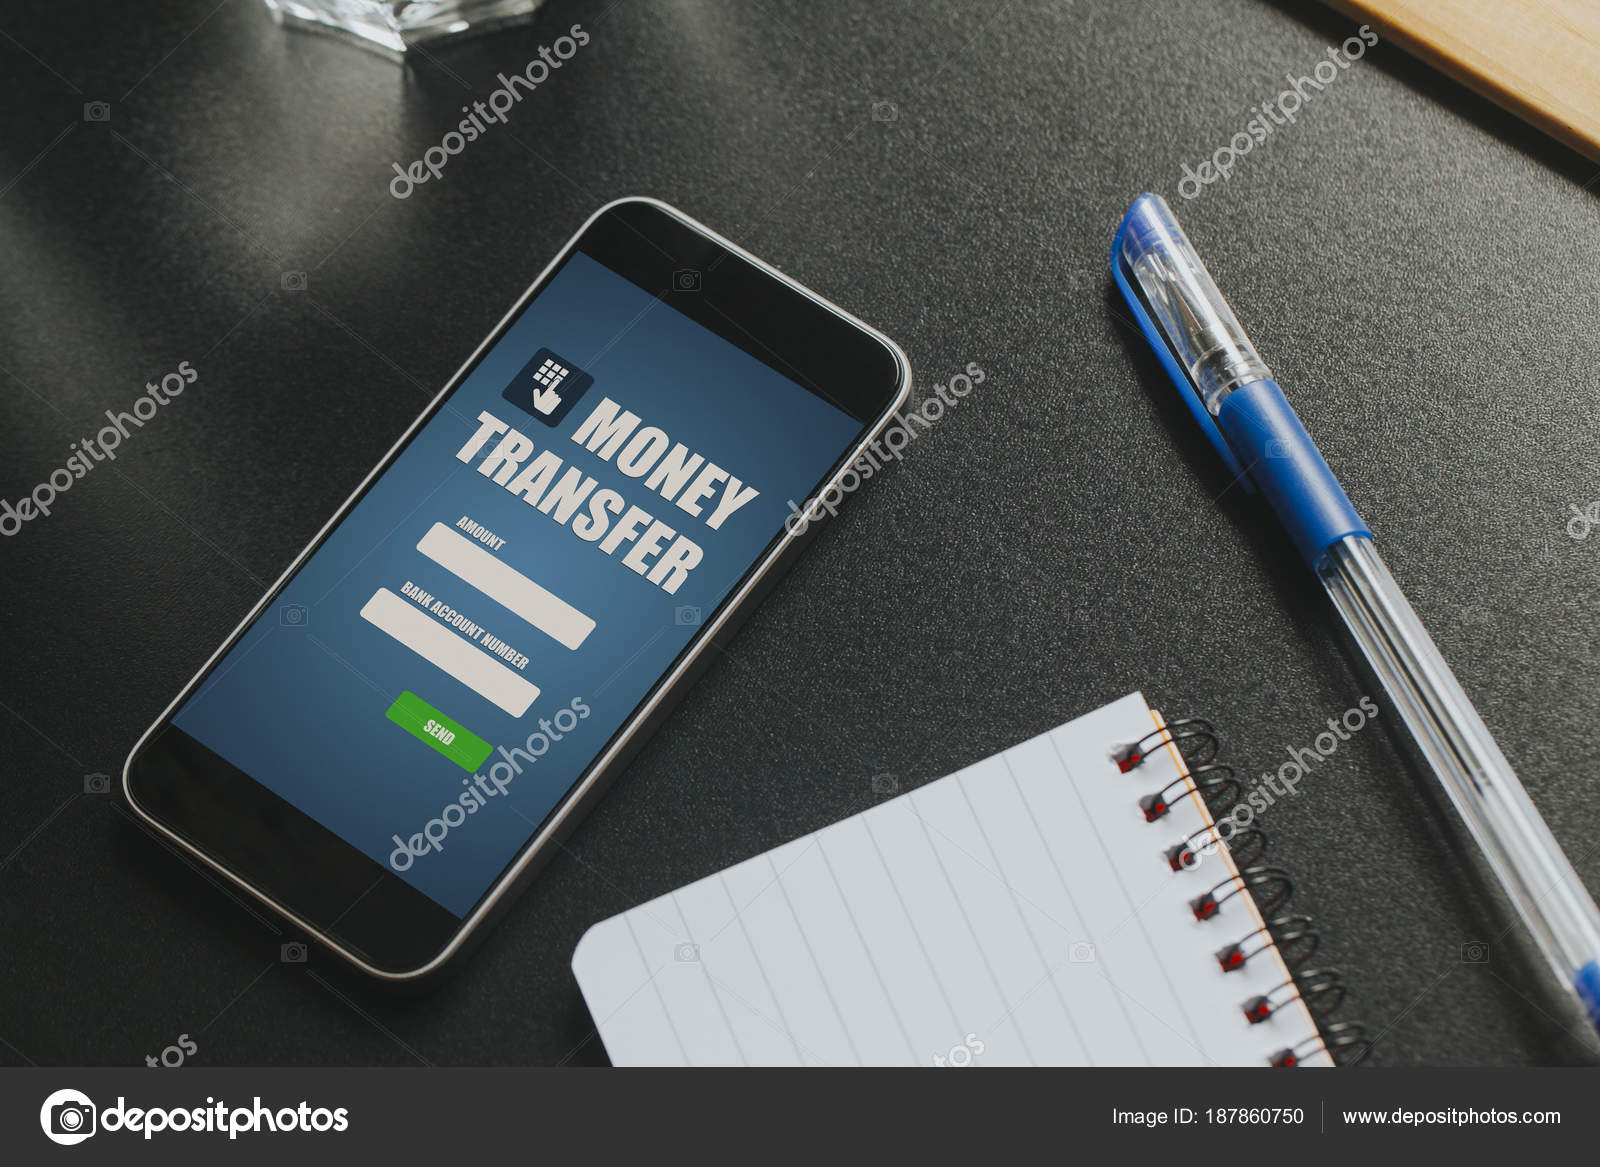 Ufficio Del Lavoro In Nero : Applicazione di trasferimento di denaro in un cellulare schermo